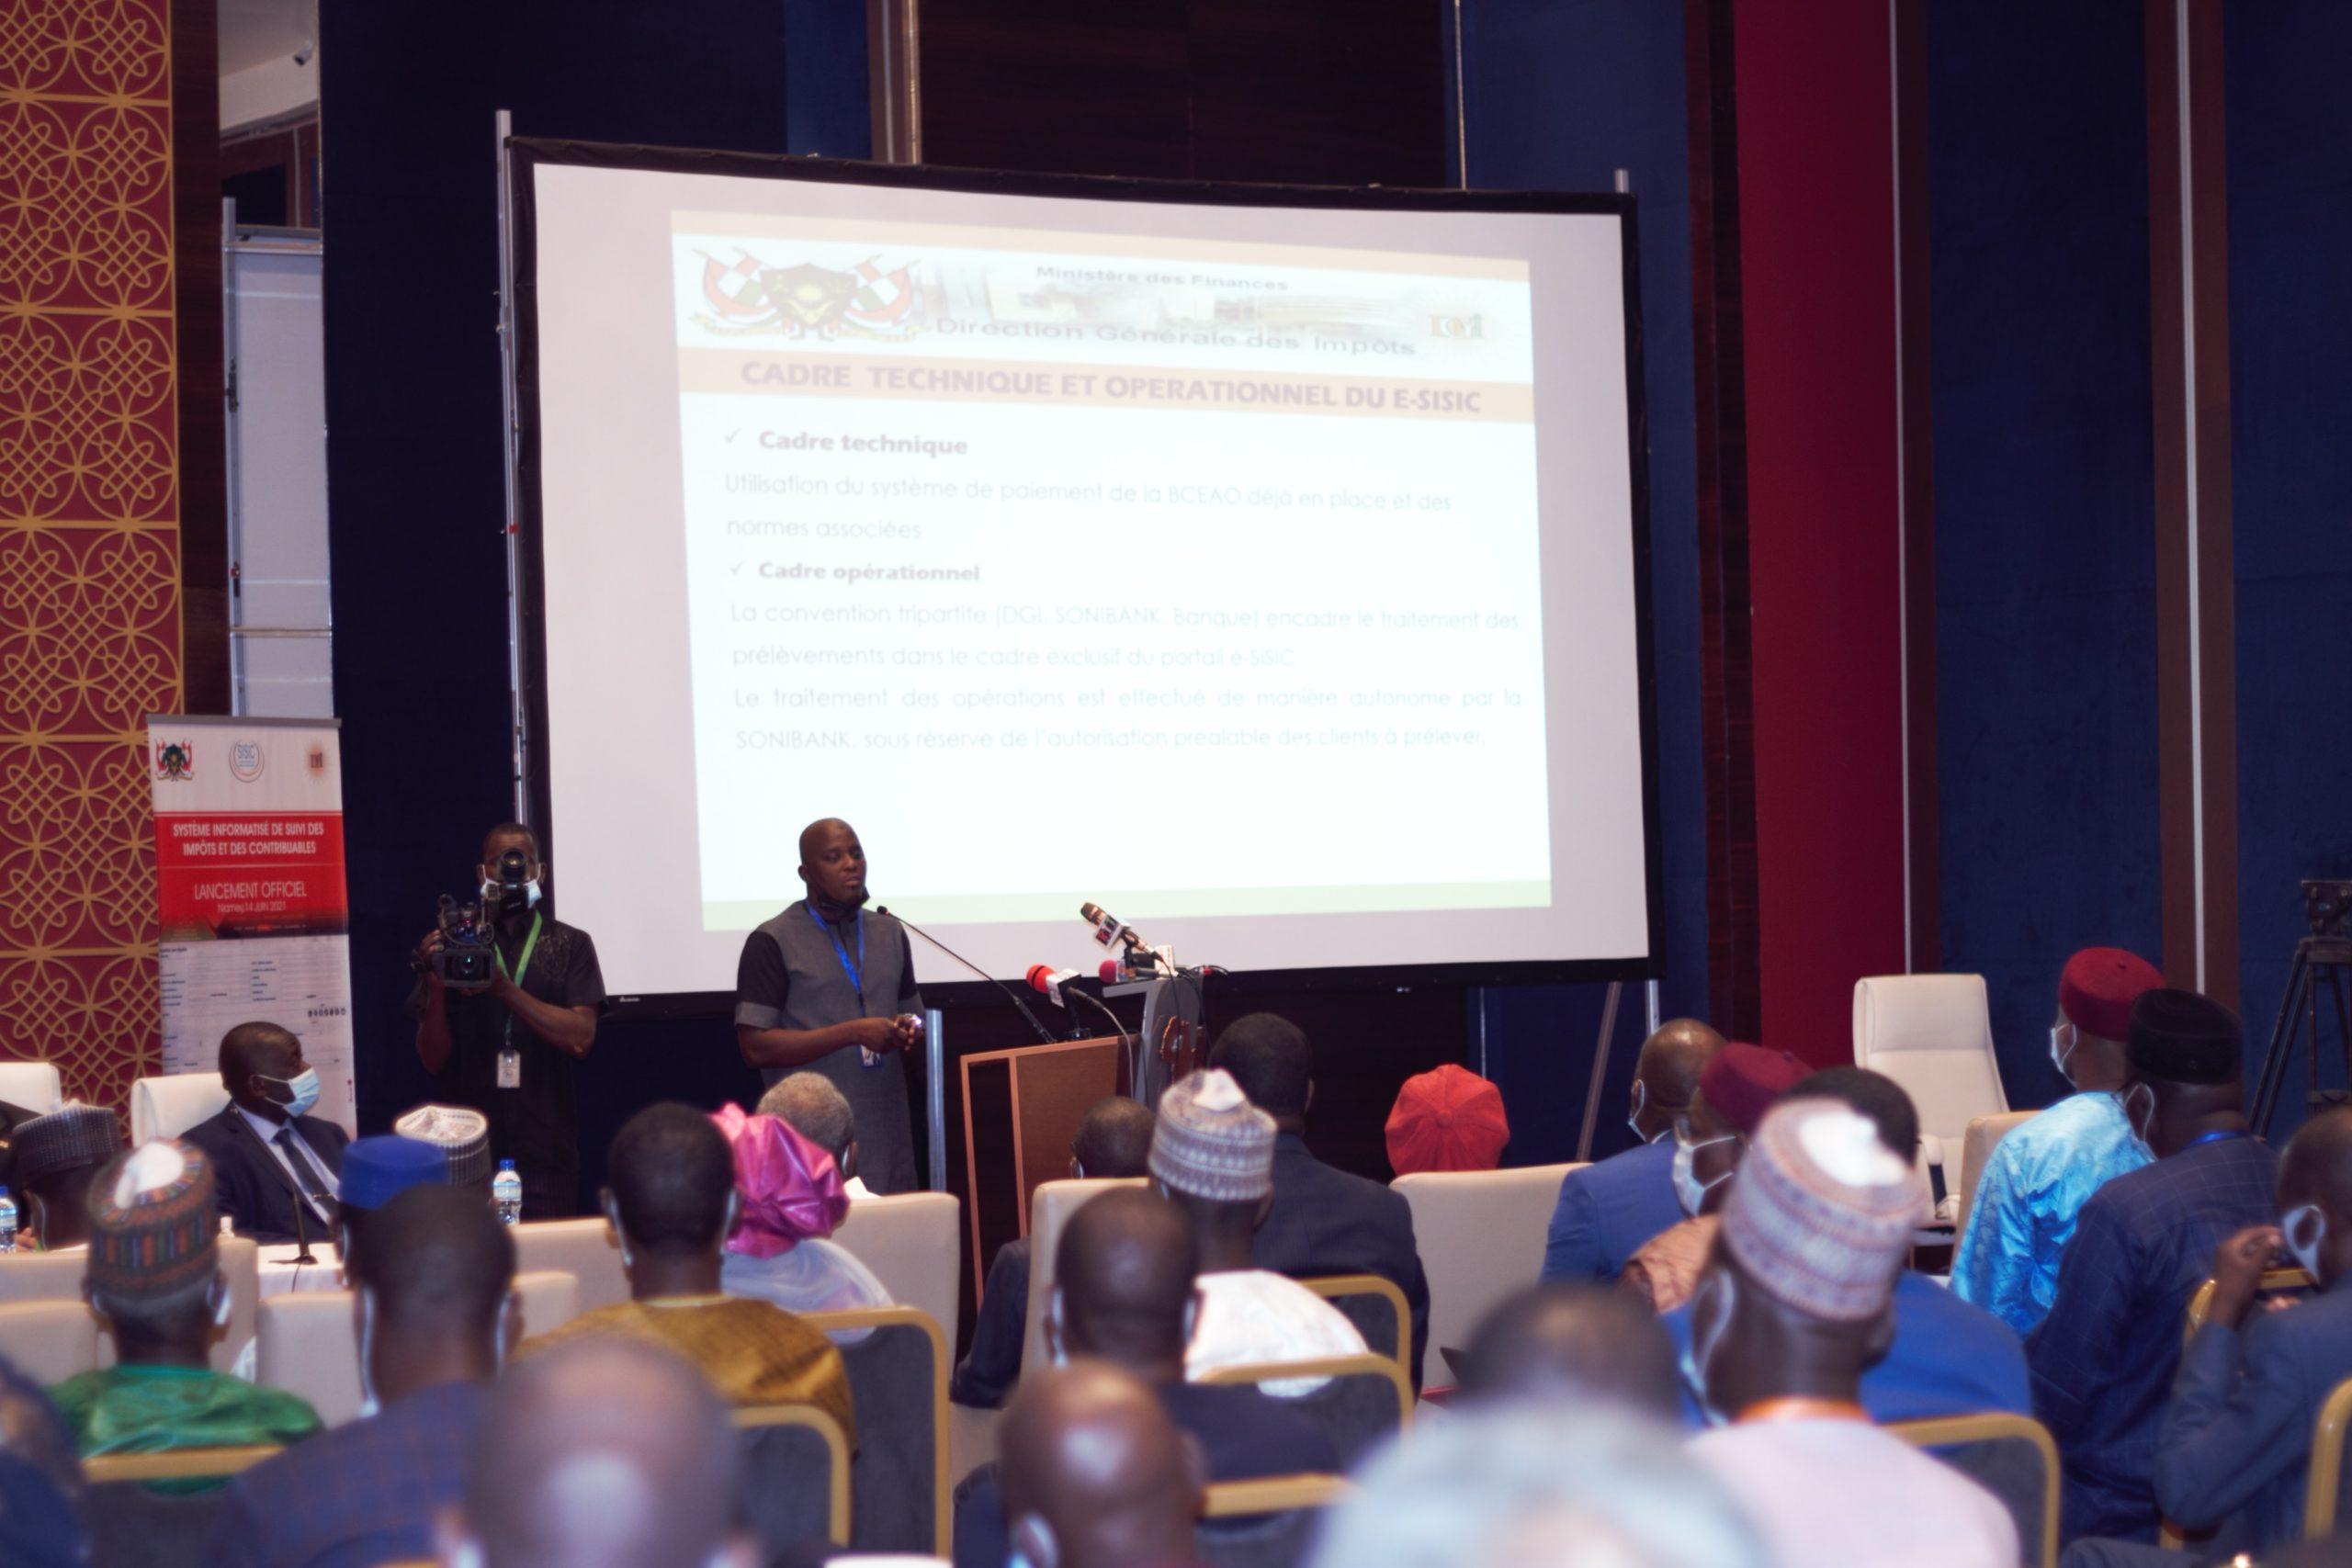 Cérémonie officielle de lancement de la plateforme e-SISIC